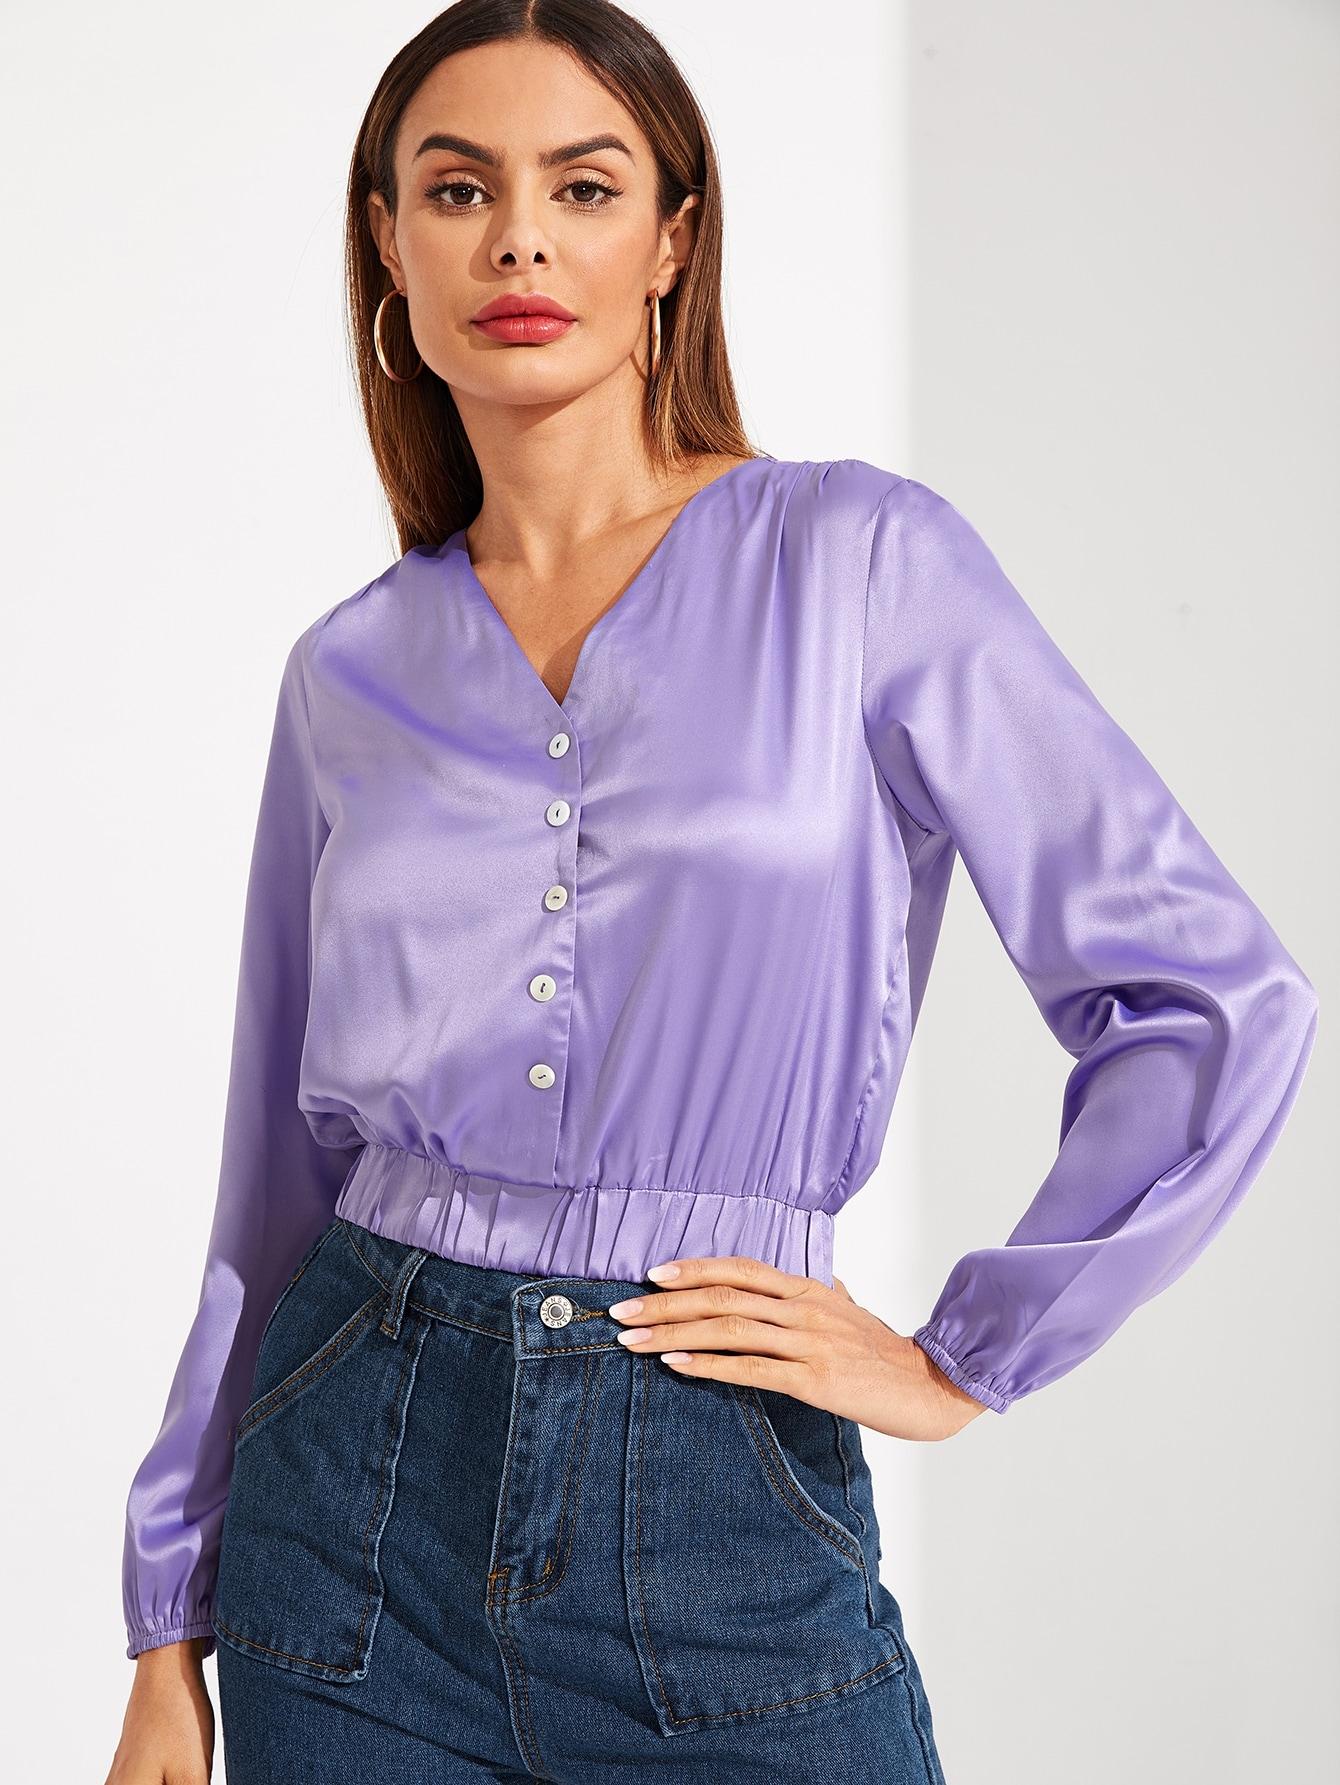 Фото - Сатиновая блуза с V-образным вырезом от SheIn фиолетового цвета